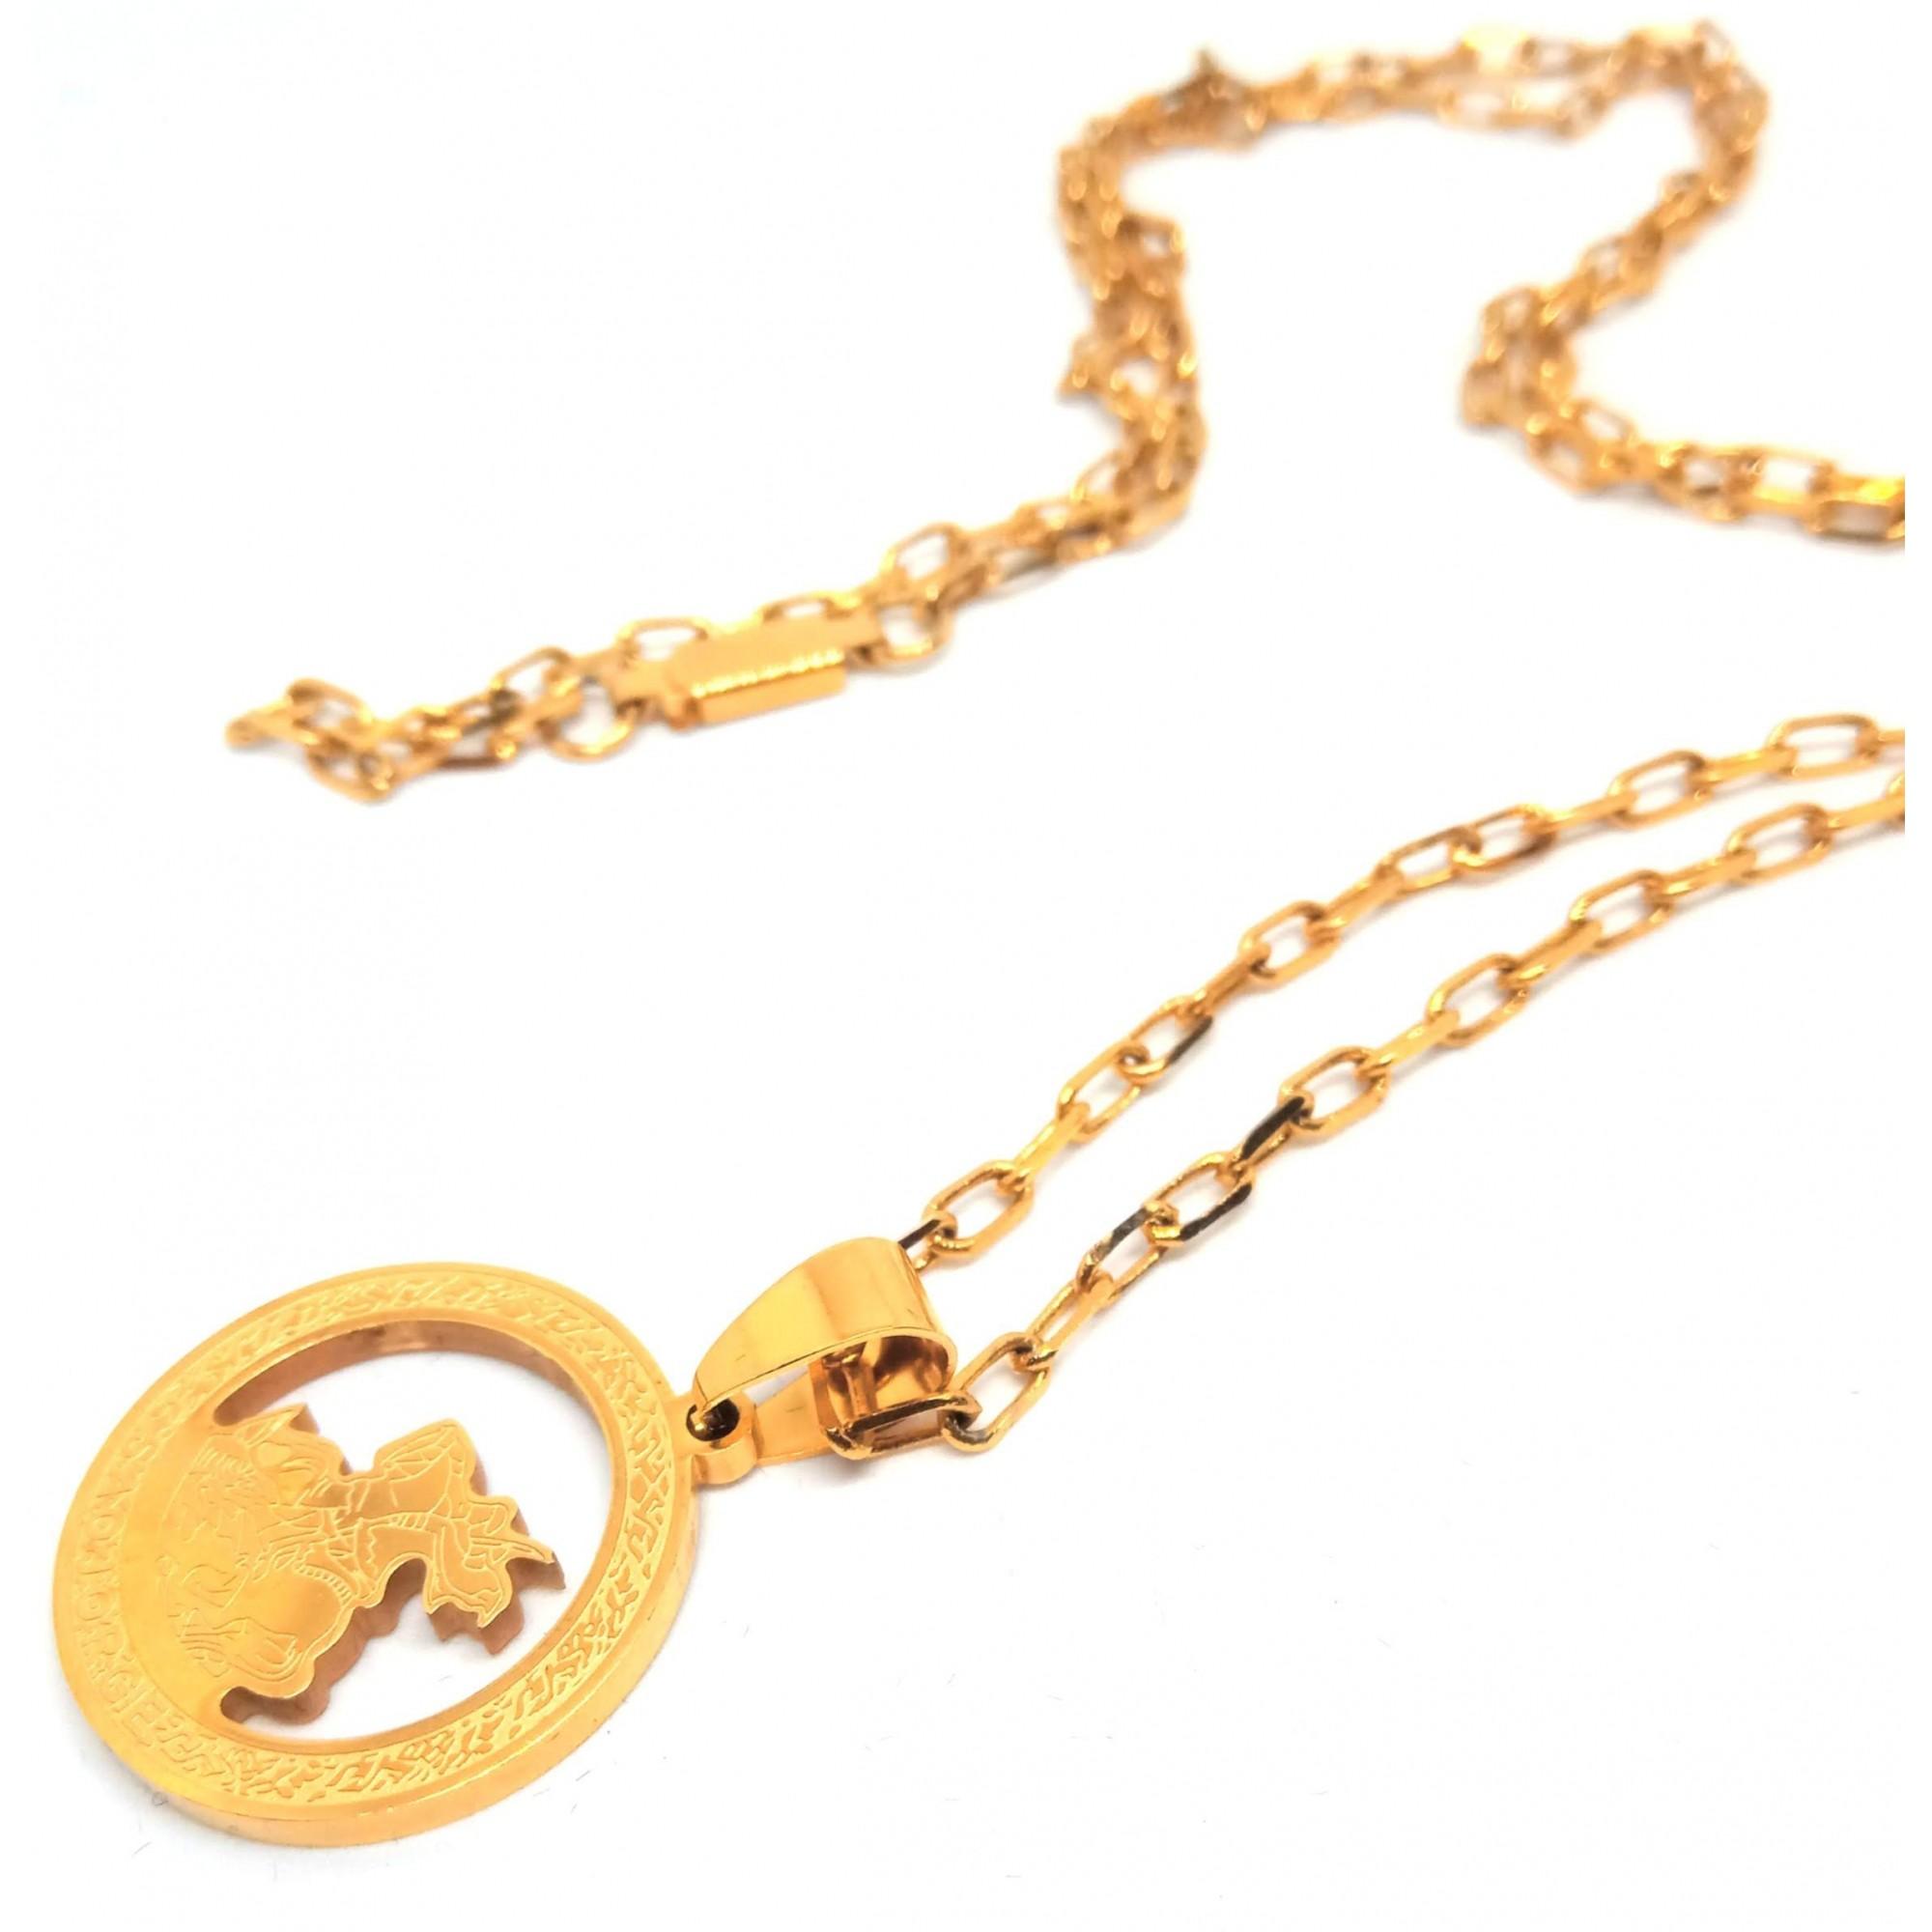 Cordão Corrente Elo Cadeado Banhada Ouro 18k São Jorge